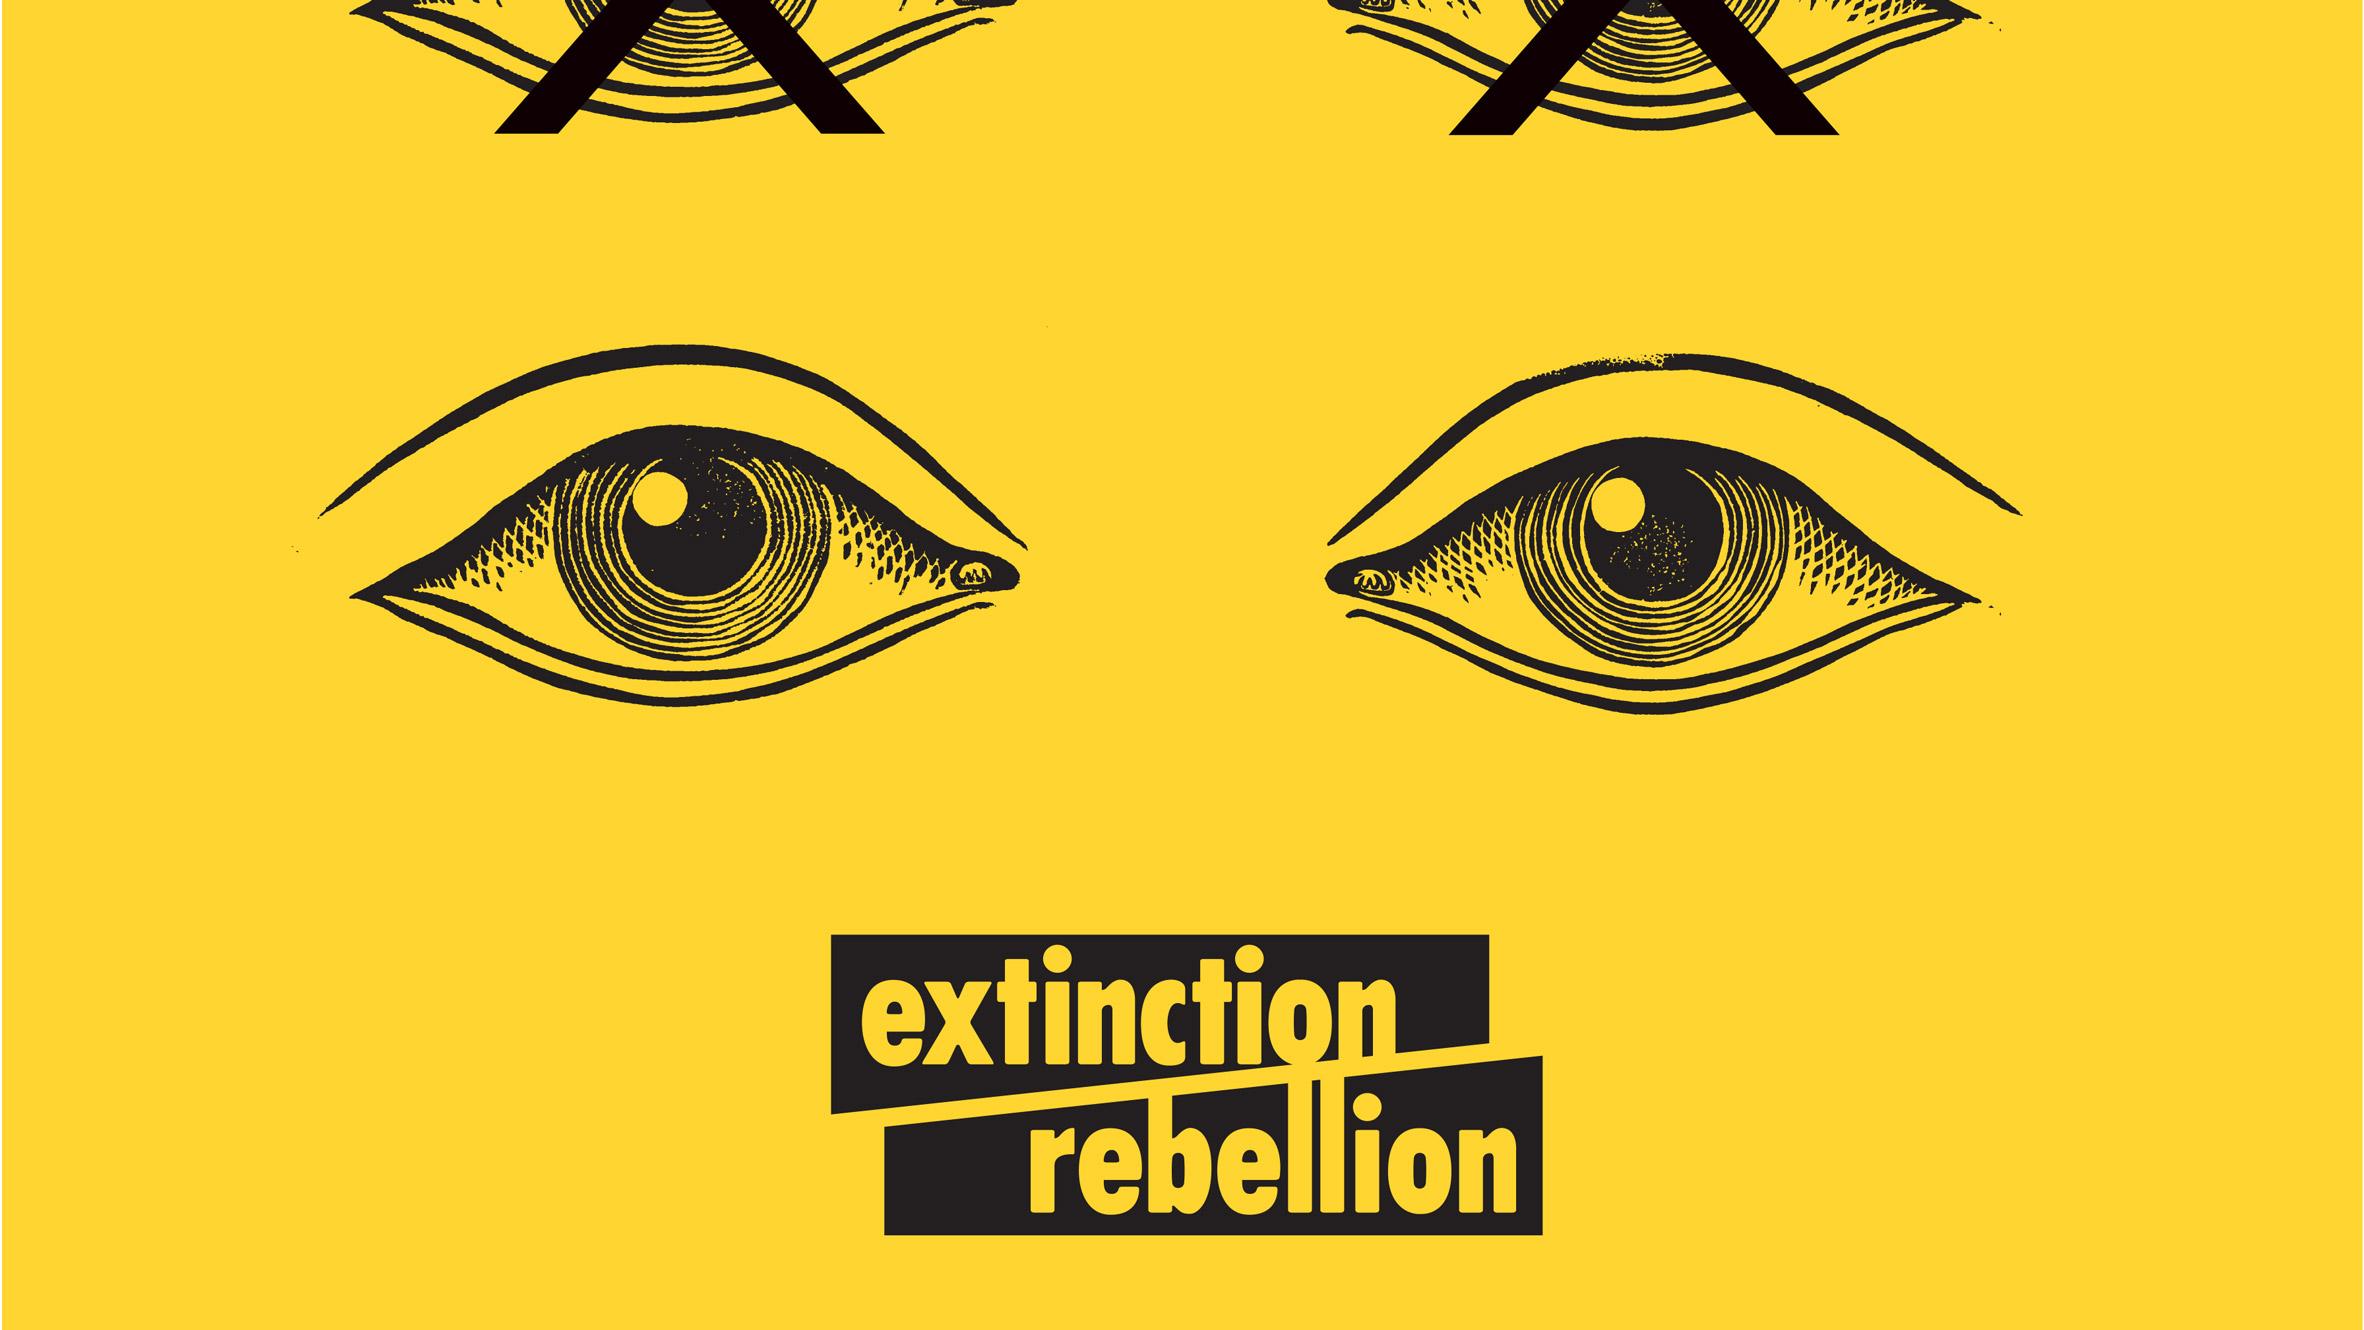 extinction-rebellion-hero_b.jpg